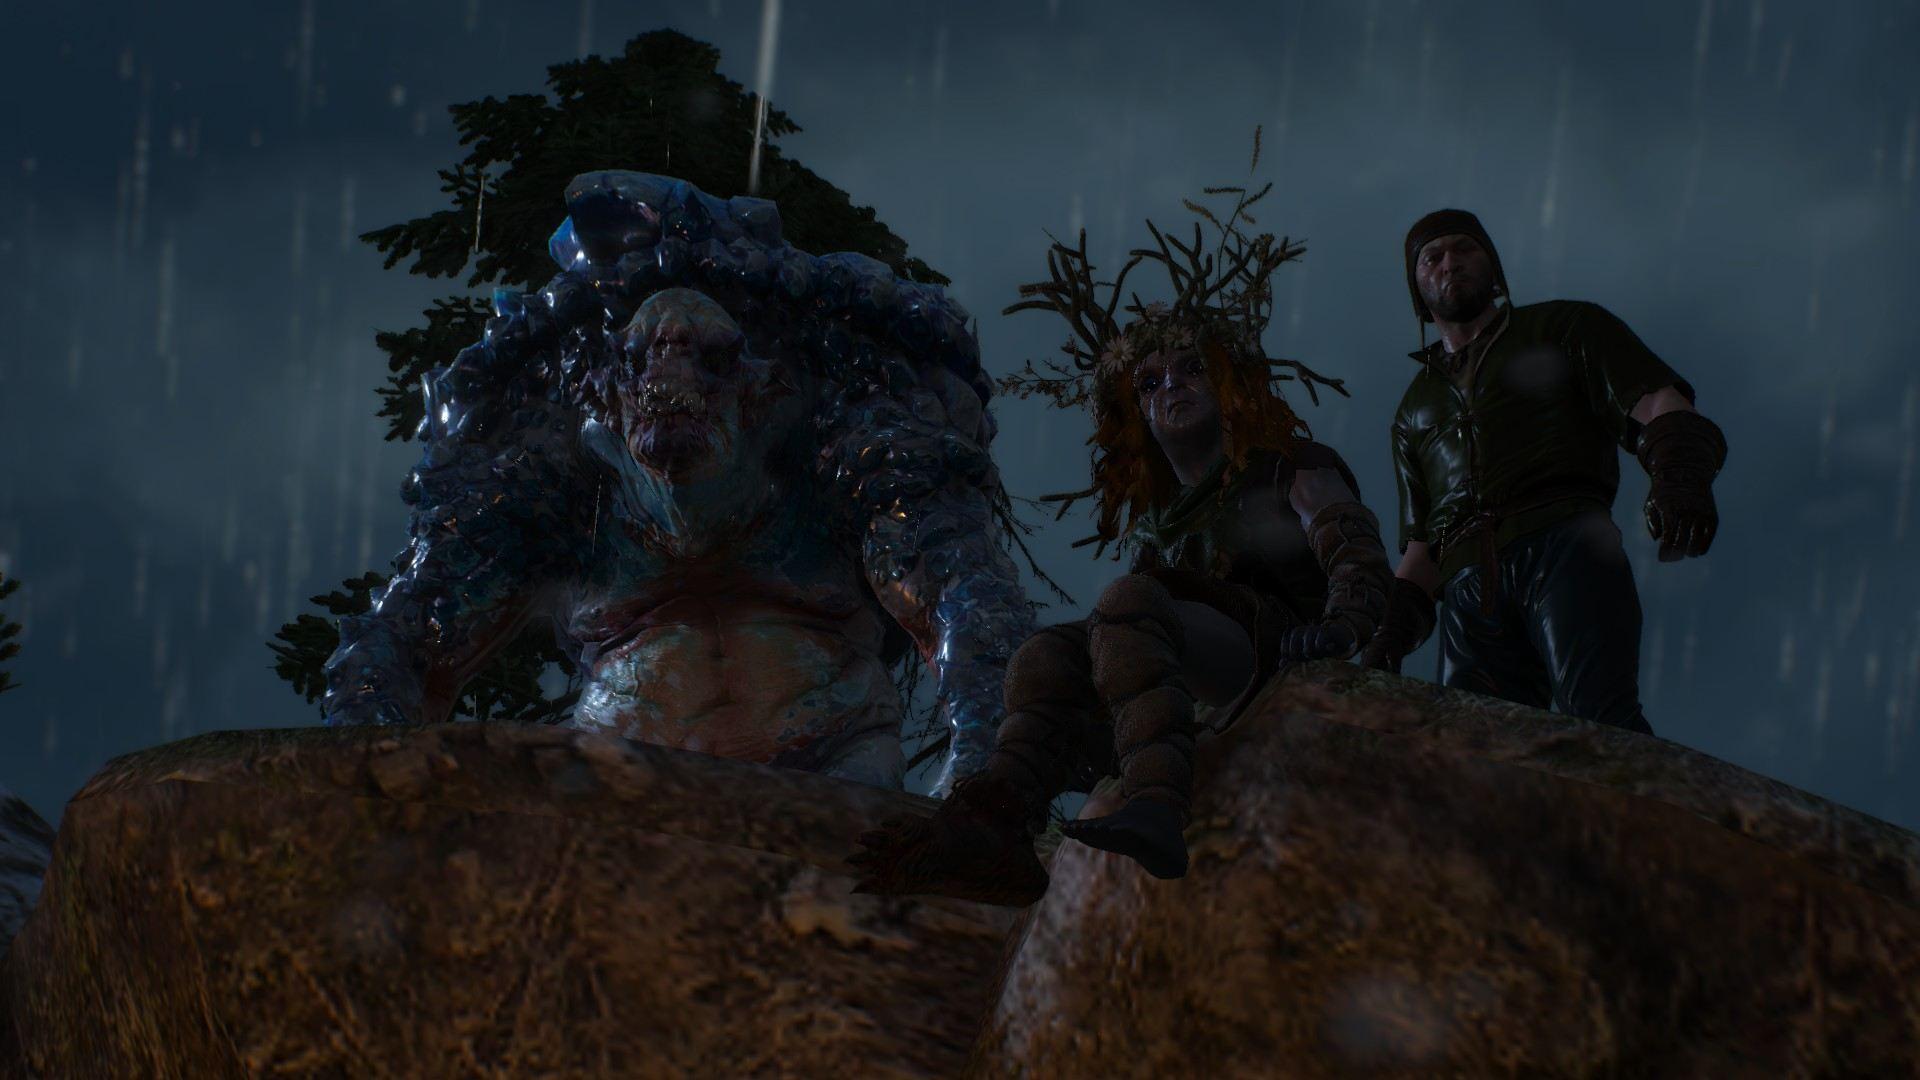 84553751.jpg - Witcher 3: Wild Hunt, the